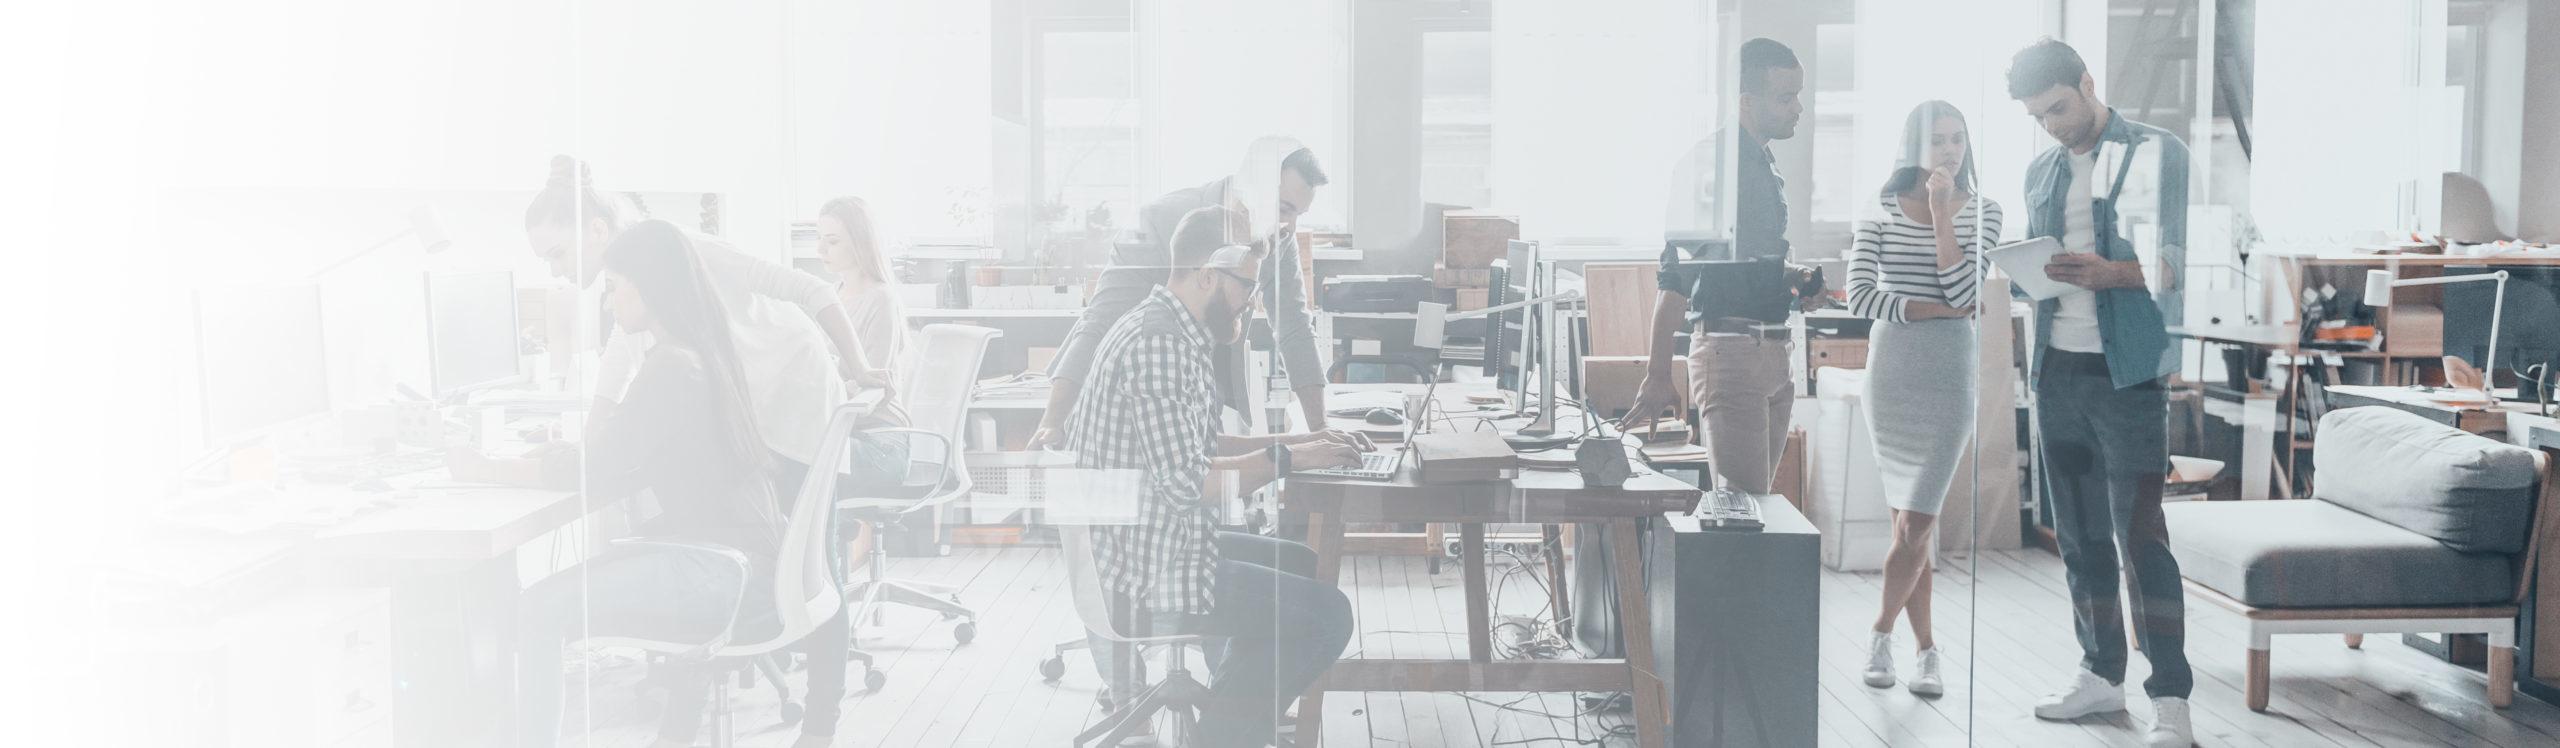 Unternehmenskultur – Kuschelstrategie oder mein Wettbewerbsvorteil?